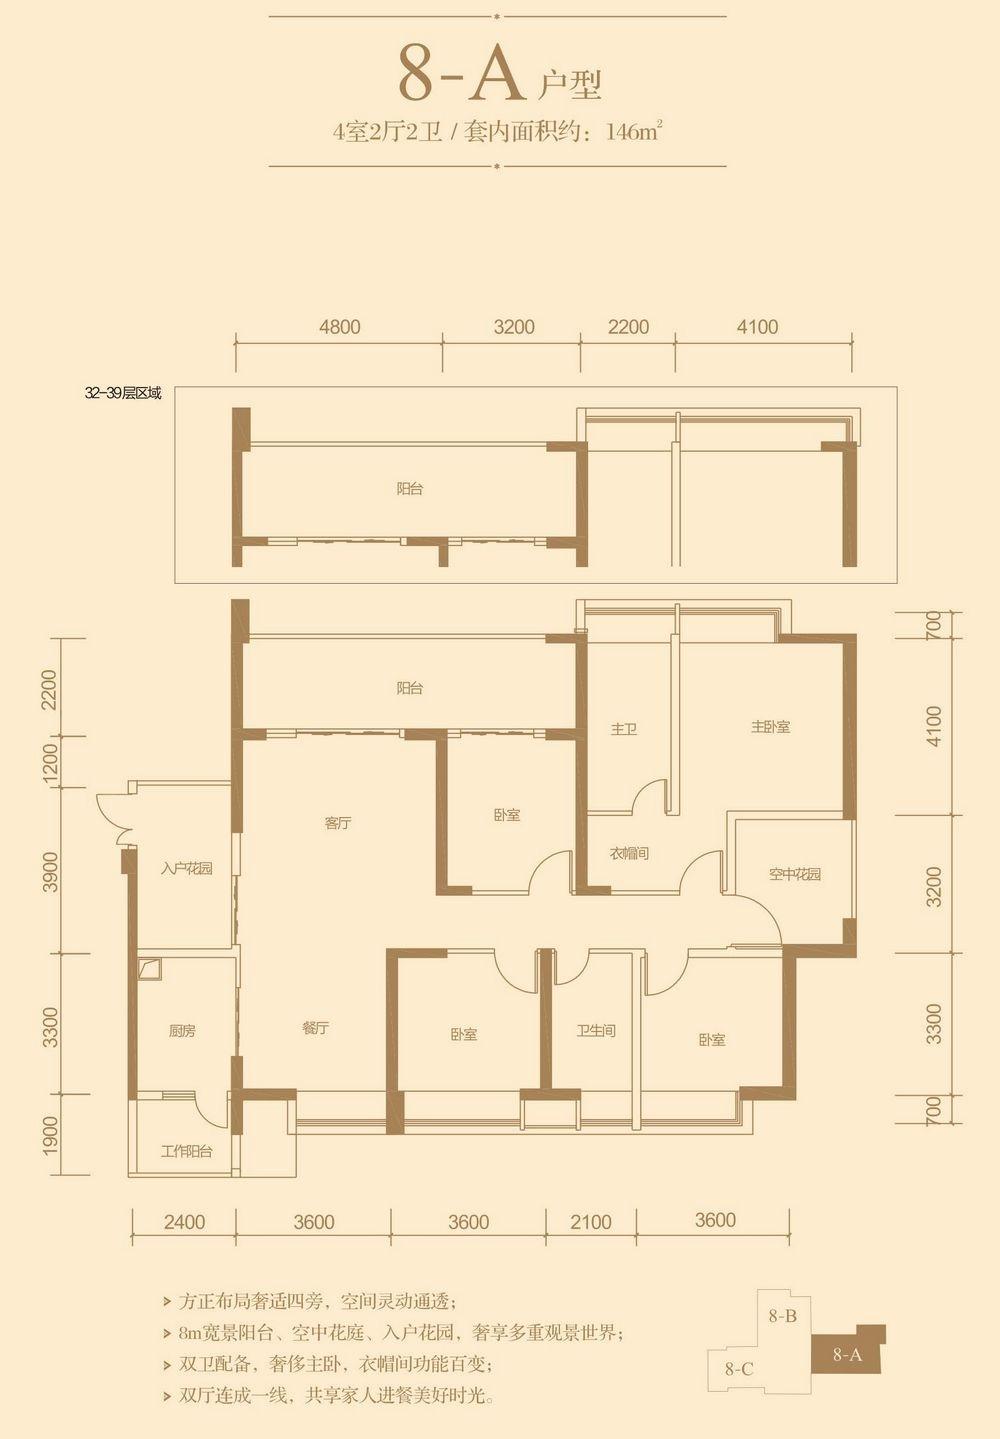 天安数码城江畔珑园8-A户型 四室两厅两卫 套内面积约146平米